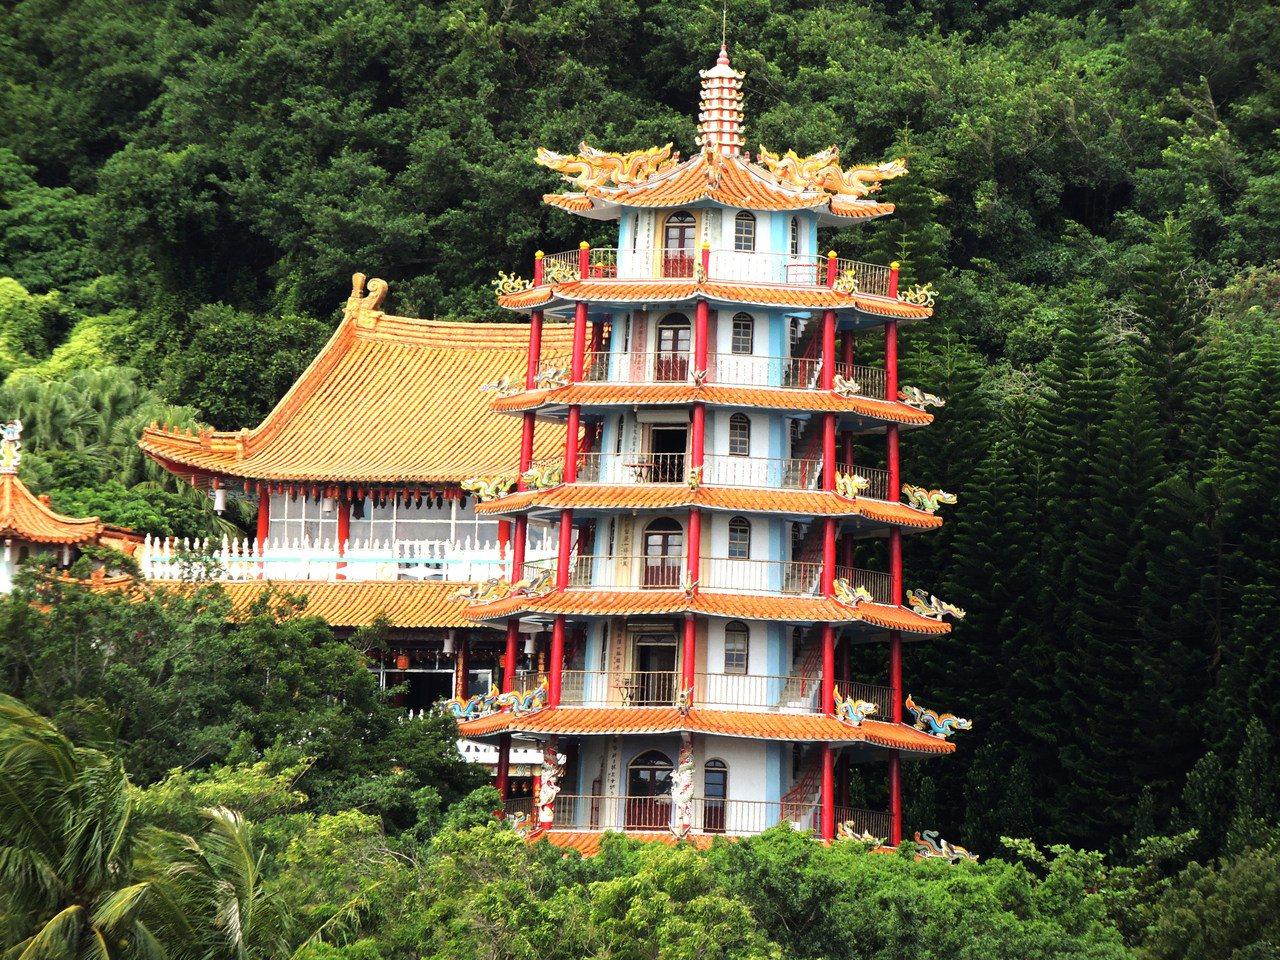 來到台東市,鯉魚山必遊景氣之一,登上鯉魚山可遠眺整個台東市區。 圖/羅紹平 攝影